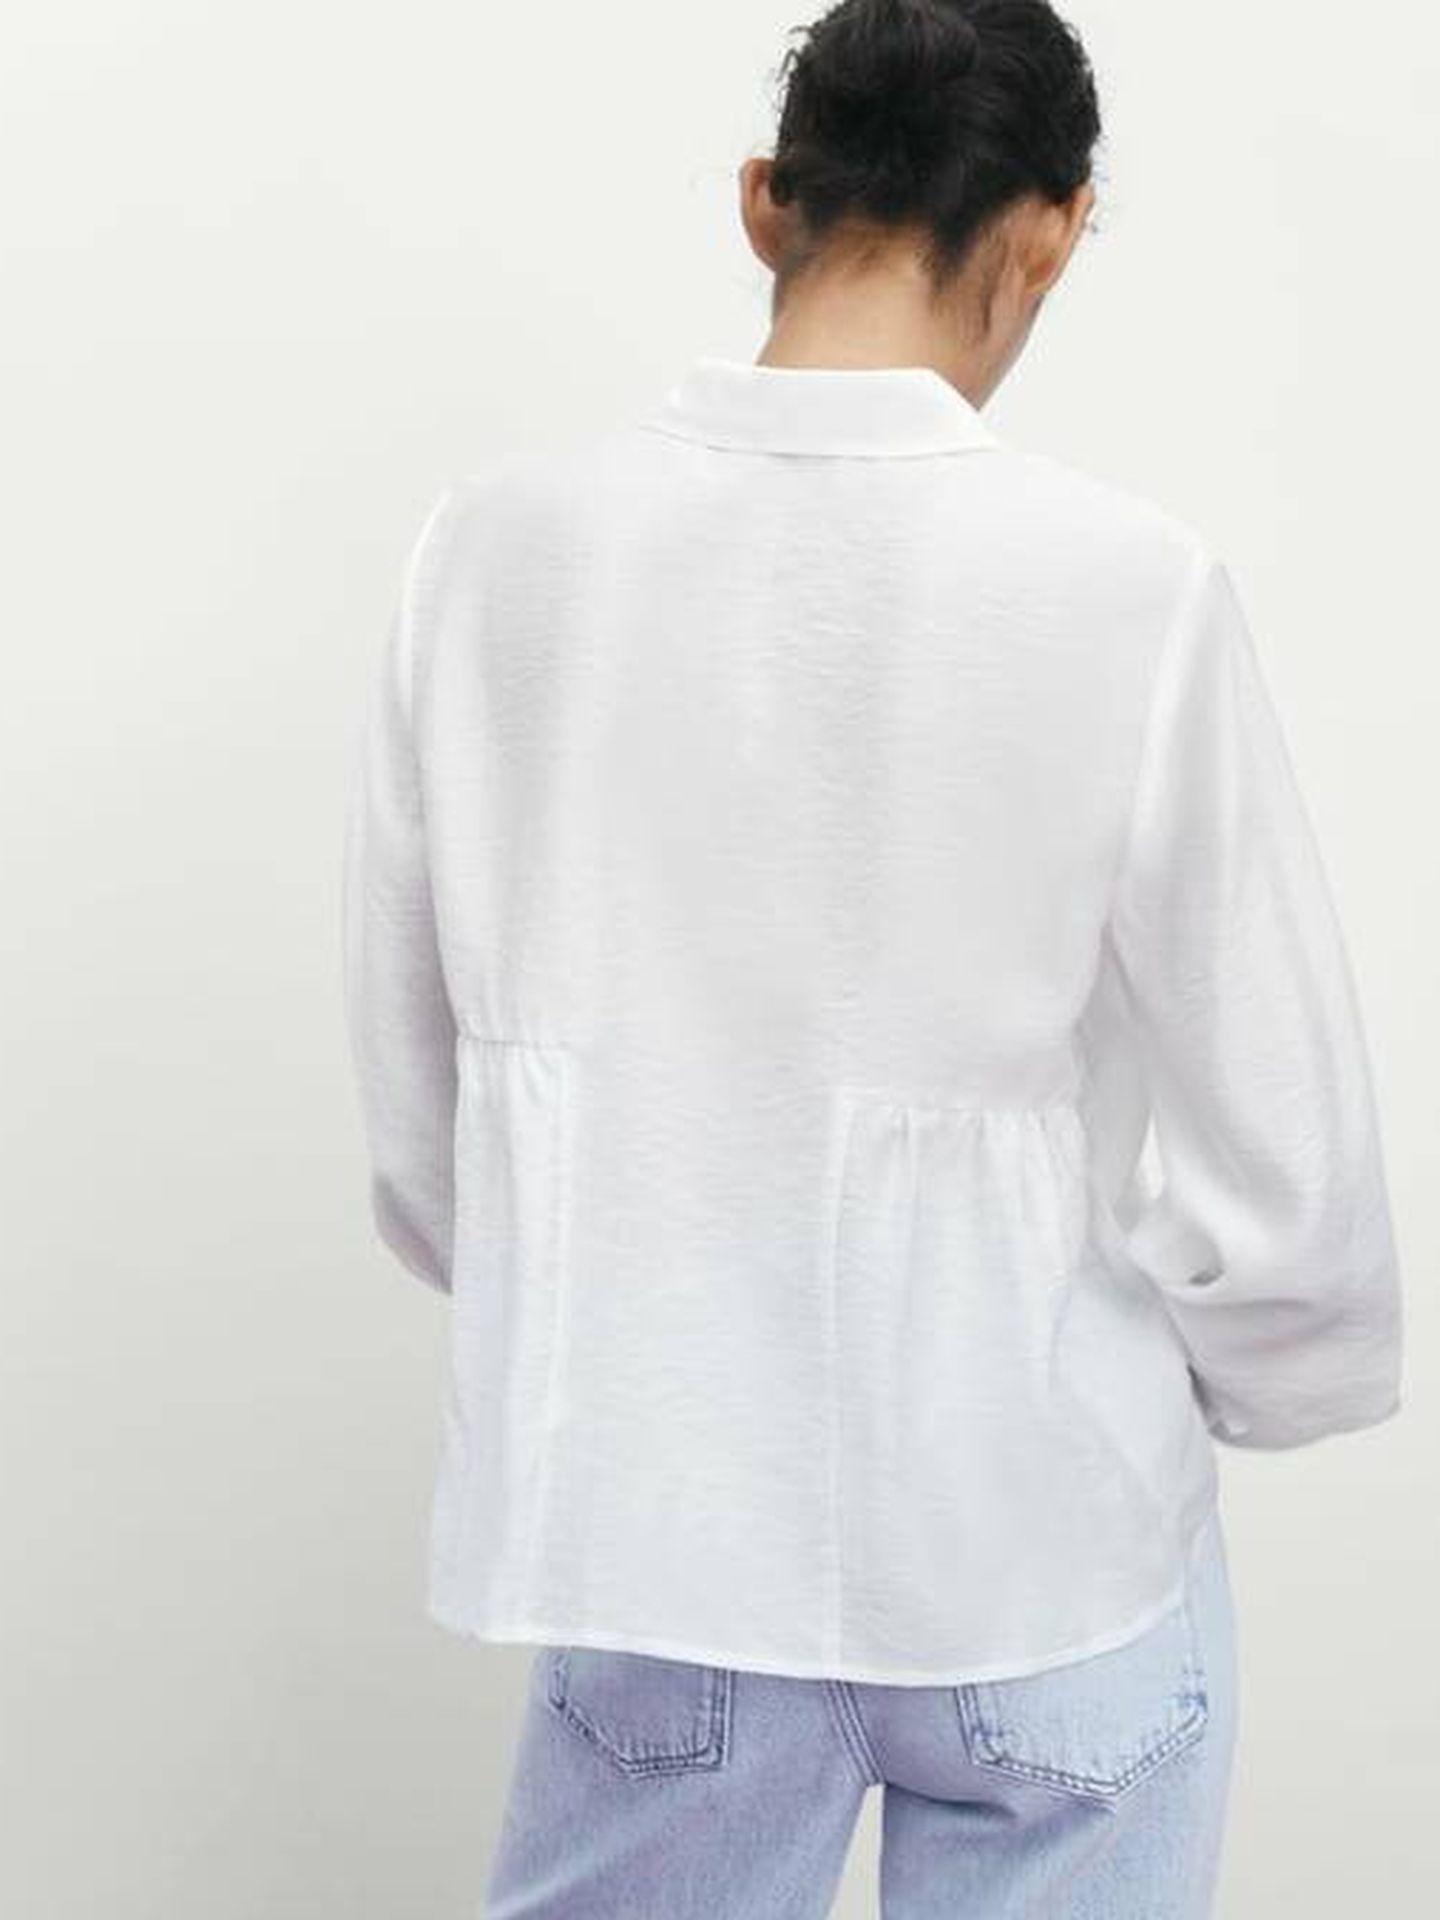 Camisa blanca de Zara para todos los días. (Cortesía)